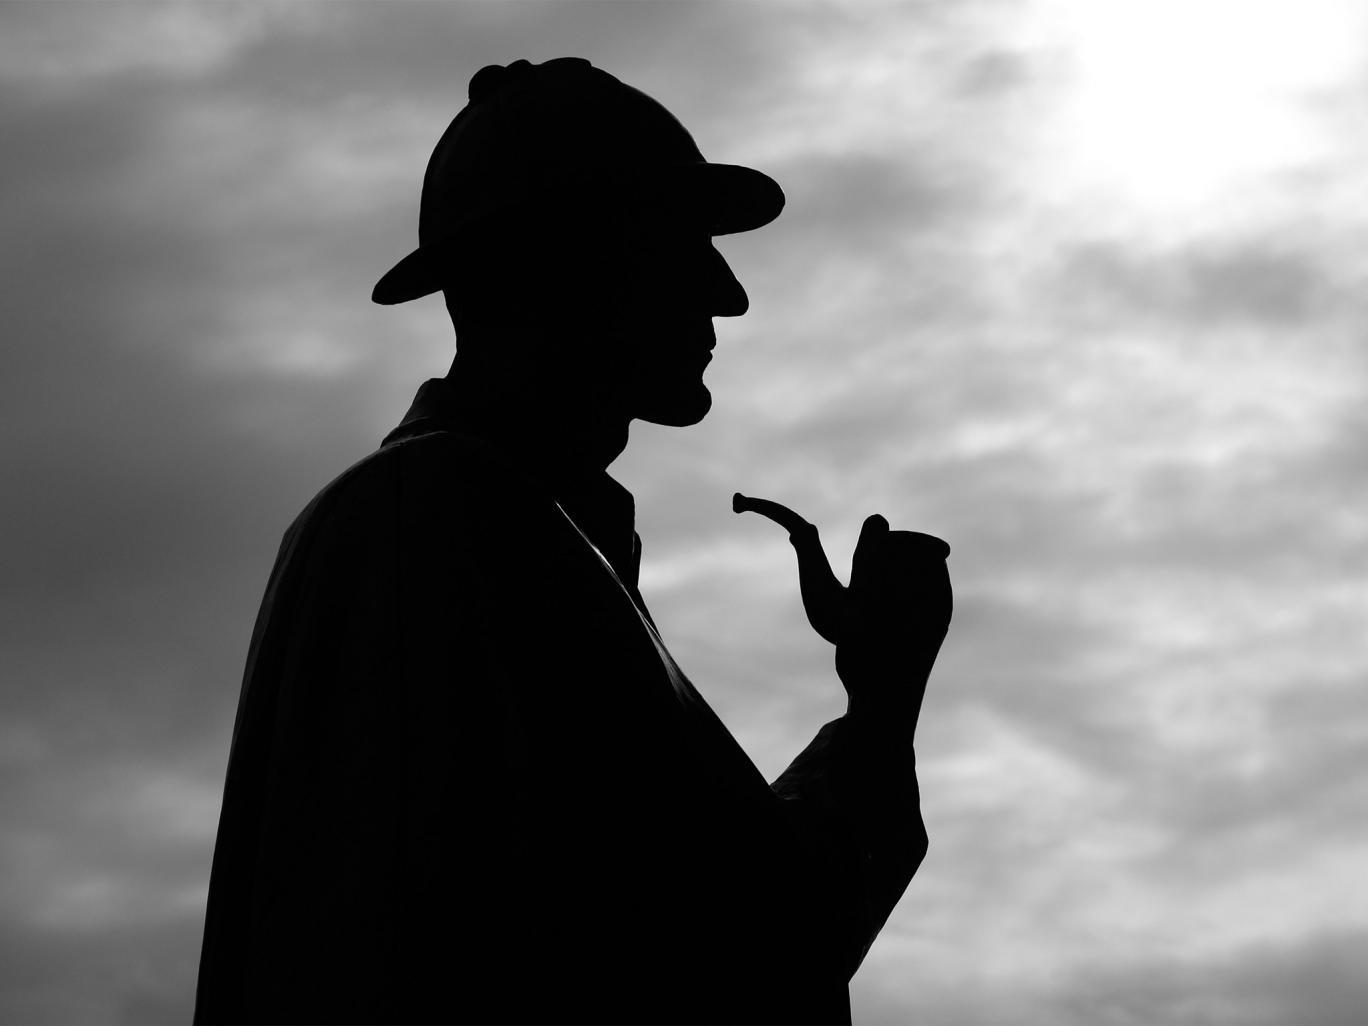 Неизвестный рассказ оШерлоке Холмсе найден начердаке